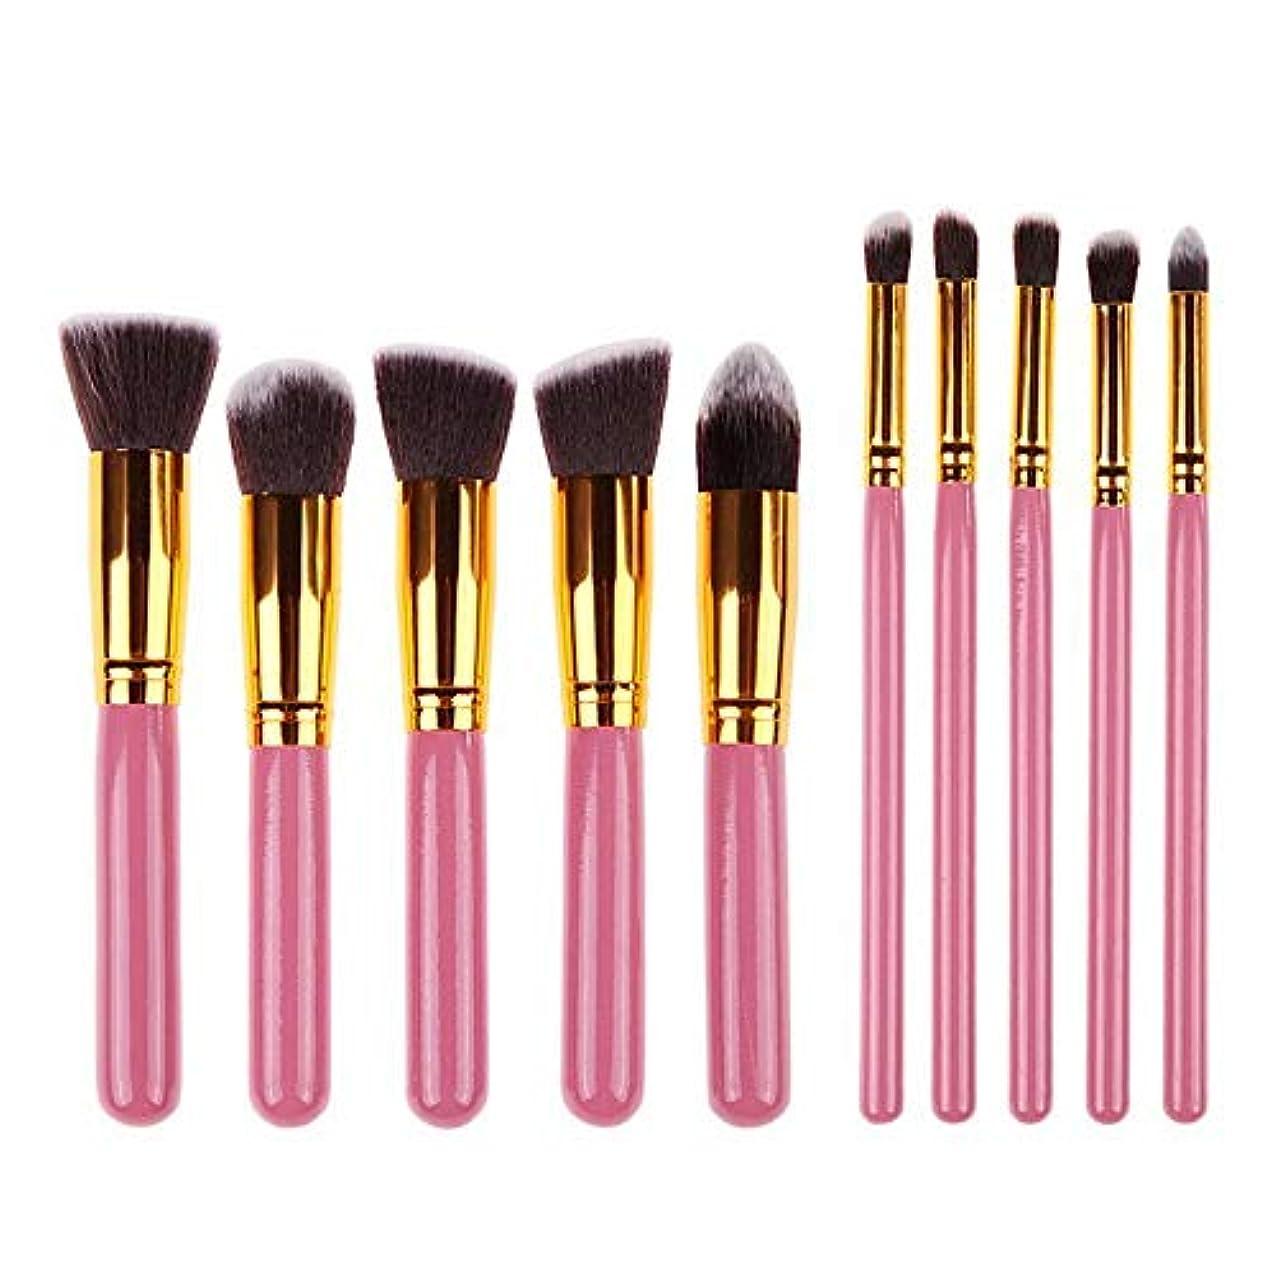 時計バンク五十Makeup brushes 10ピースピンクメイクアップブラシセット革新的な簡単パウダーパウダーアイシャドウブラシ輪郭ブラシ suits (Color : Pink Gold)